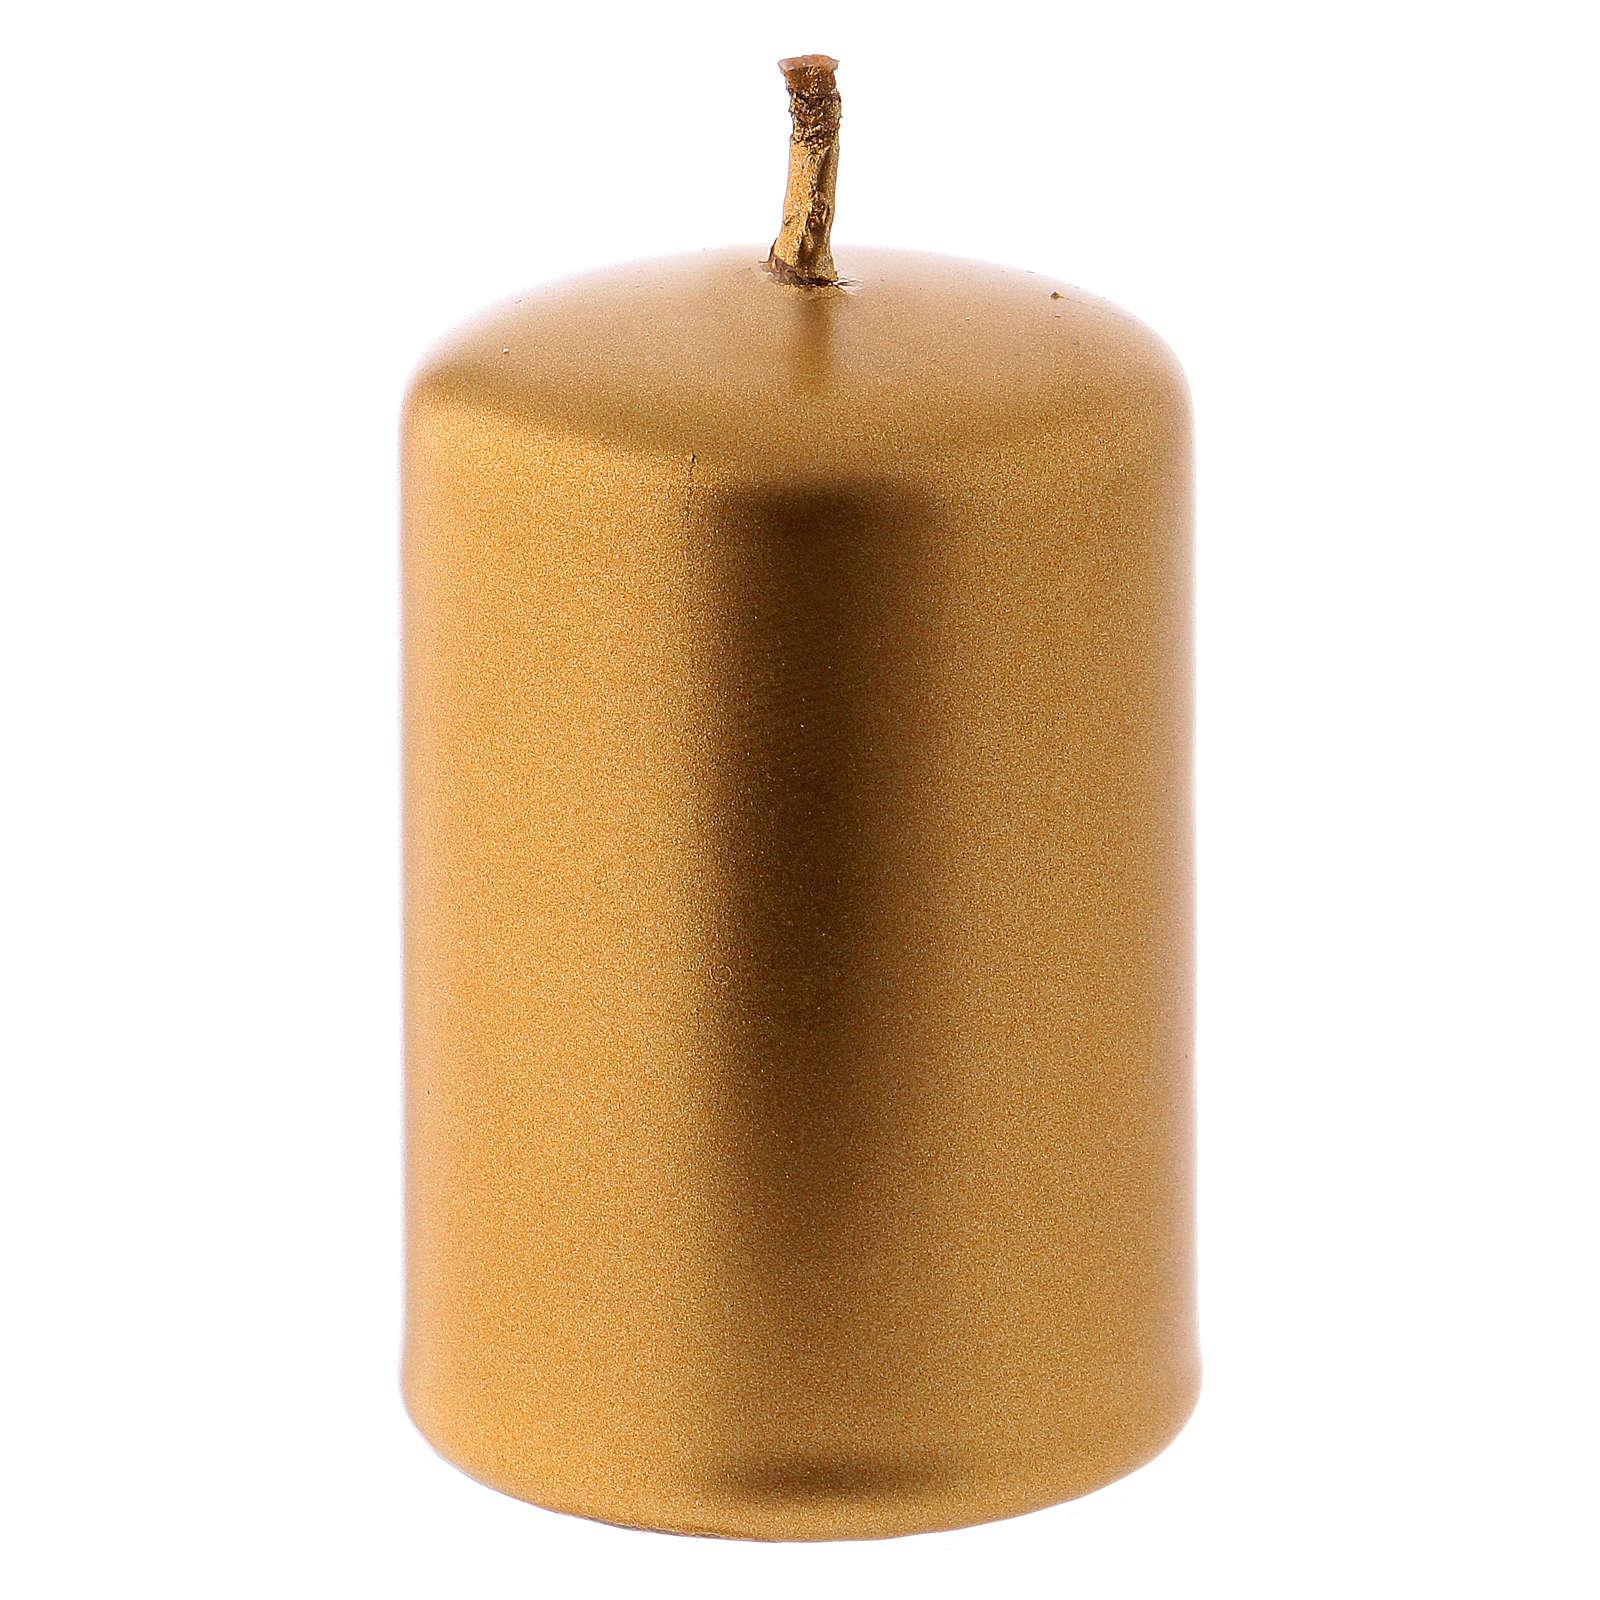 Vela Navidad metal oro Ceralacca 4x6 cm 3